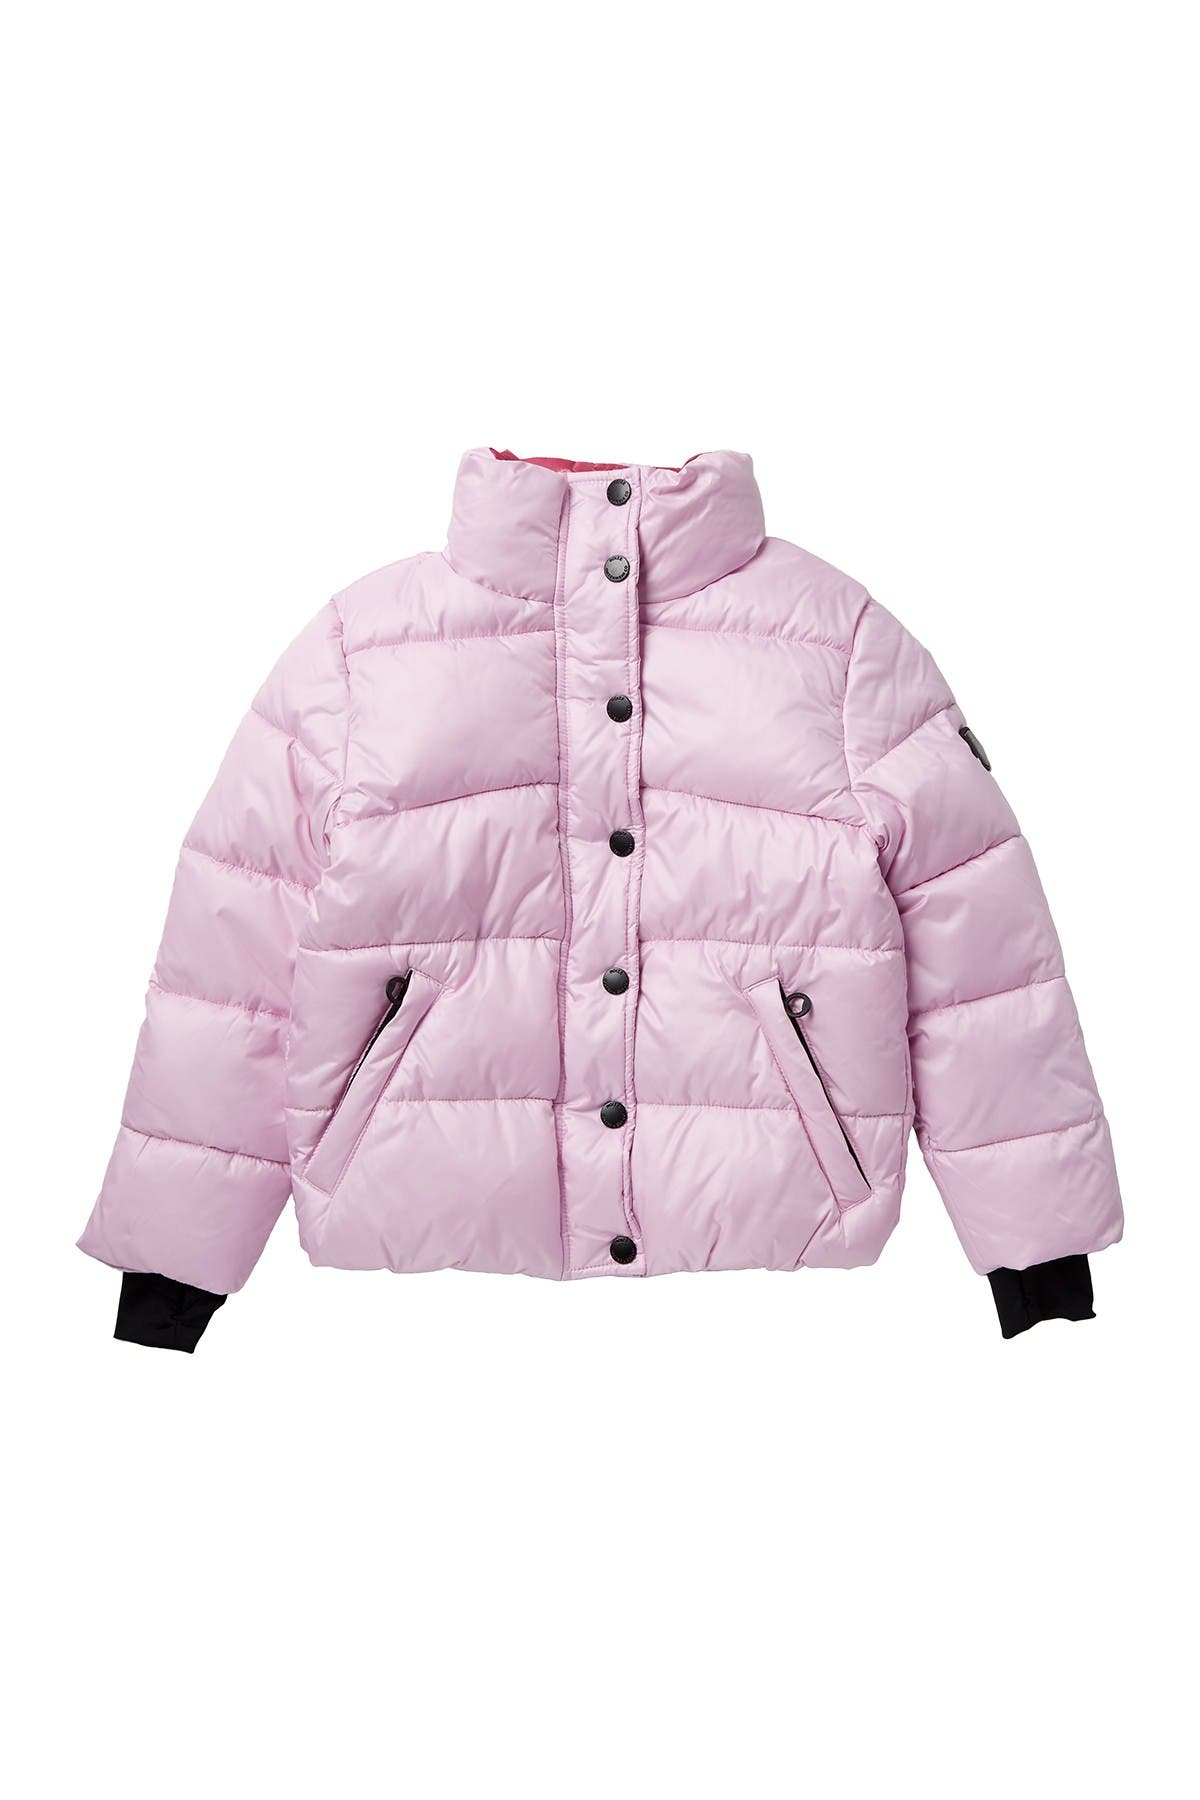 Image of NOIZE Puffer Jacket